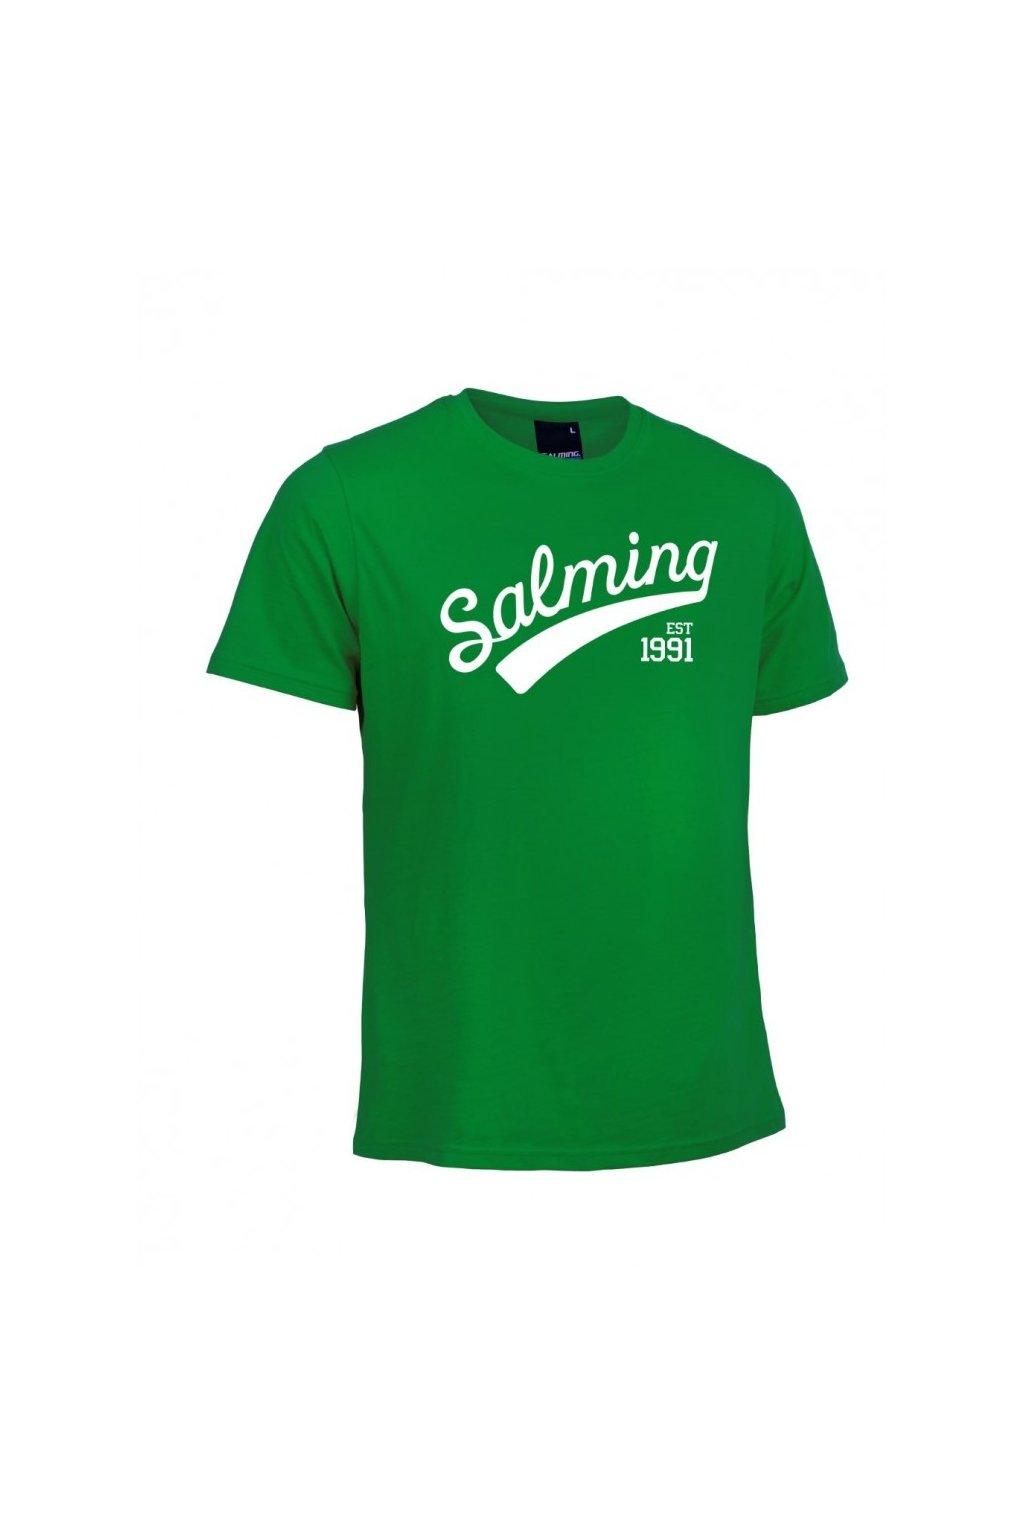 salming logo tee (2)